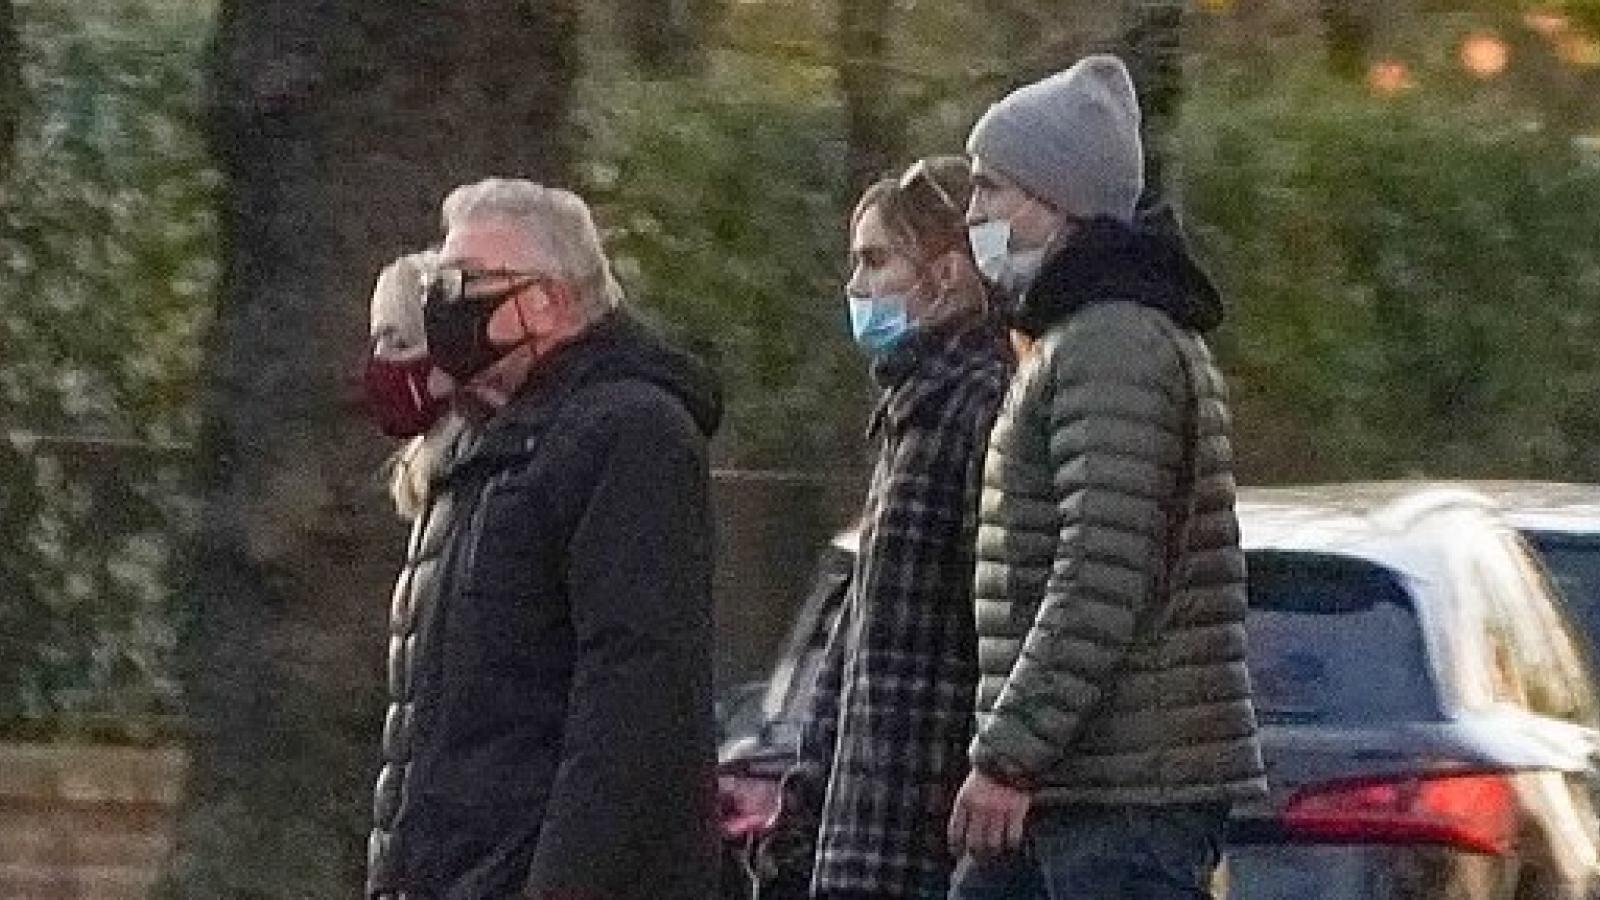 Robert Pattinson nắm tay bạn gái đi dạo cùng bố mẹ